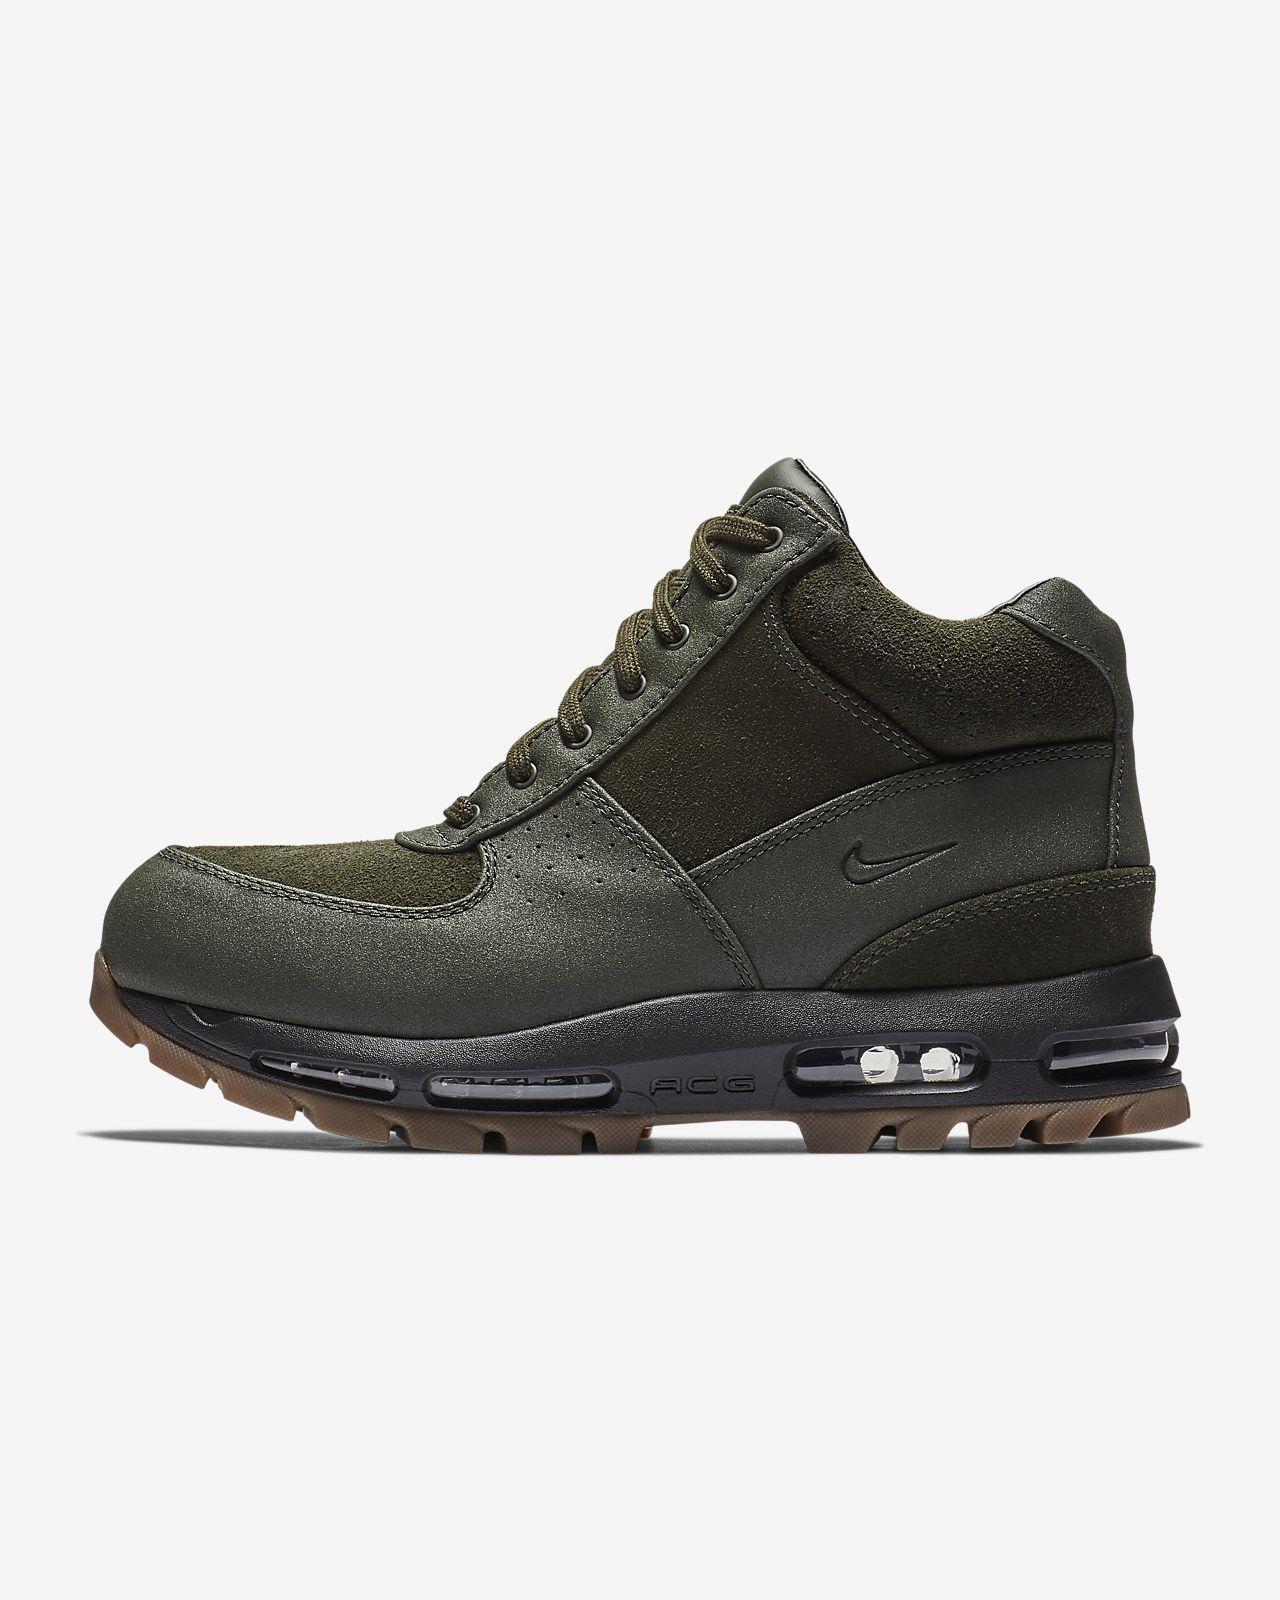 sports shoes 160a7 fa065 ... Nike Air Max Goadome Mens Boot